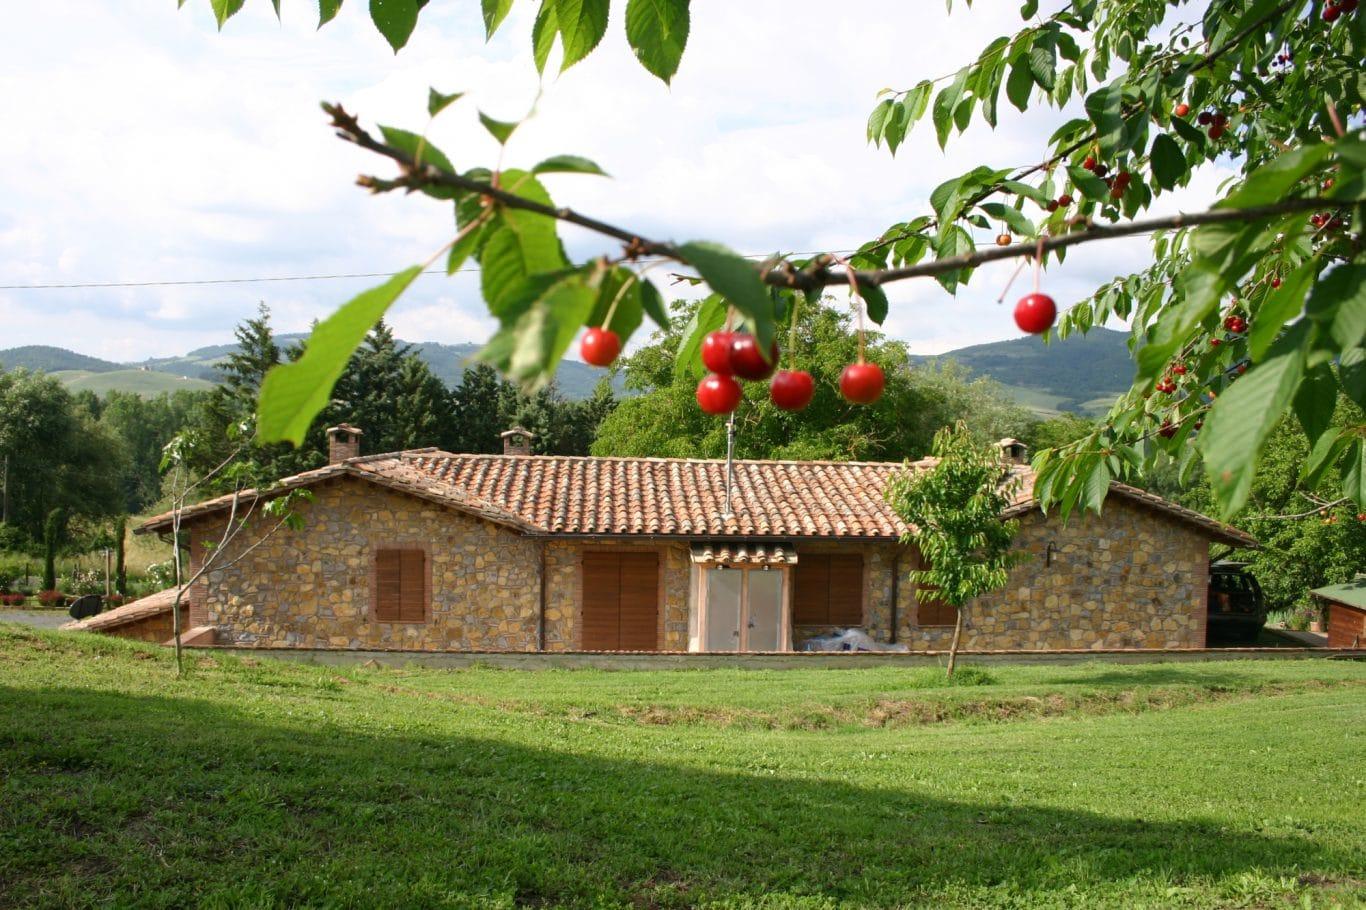 La collina dei ciliegi acquapendente viterbo area events for Piani di casa in stile country di collina